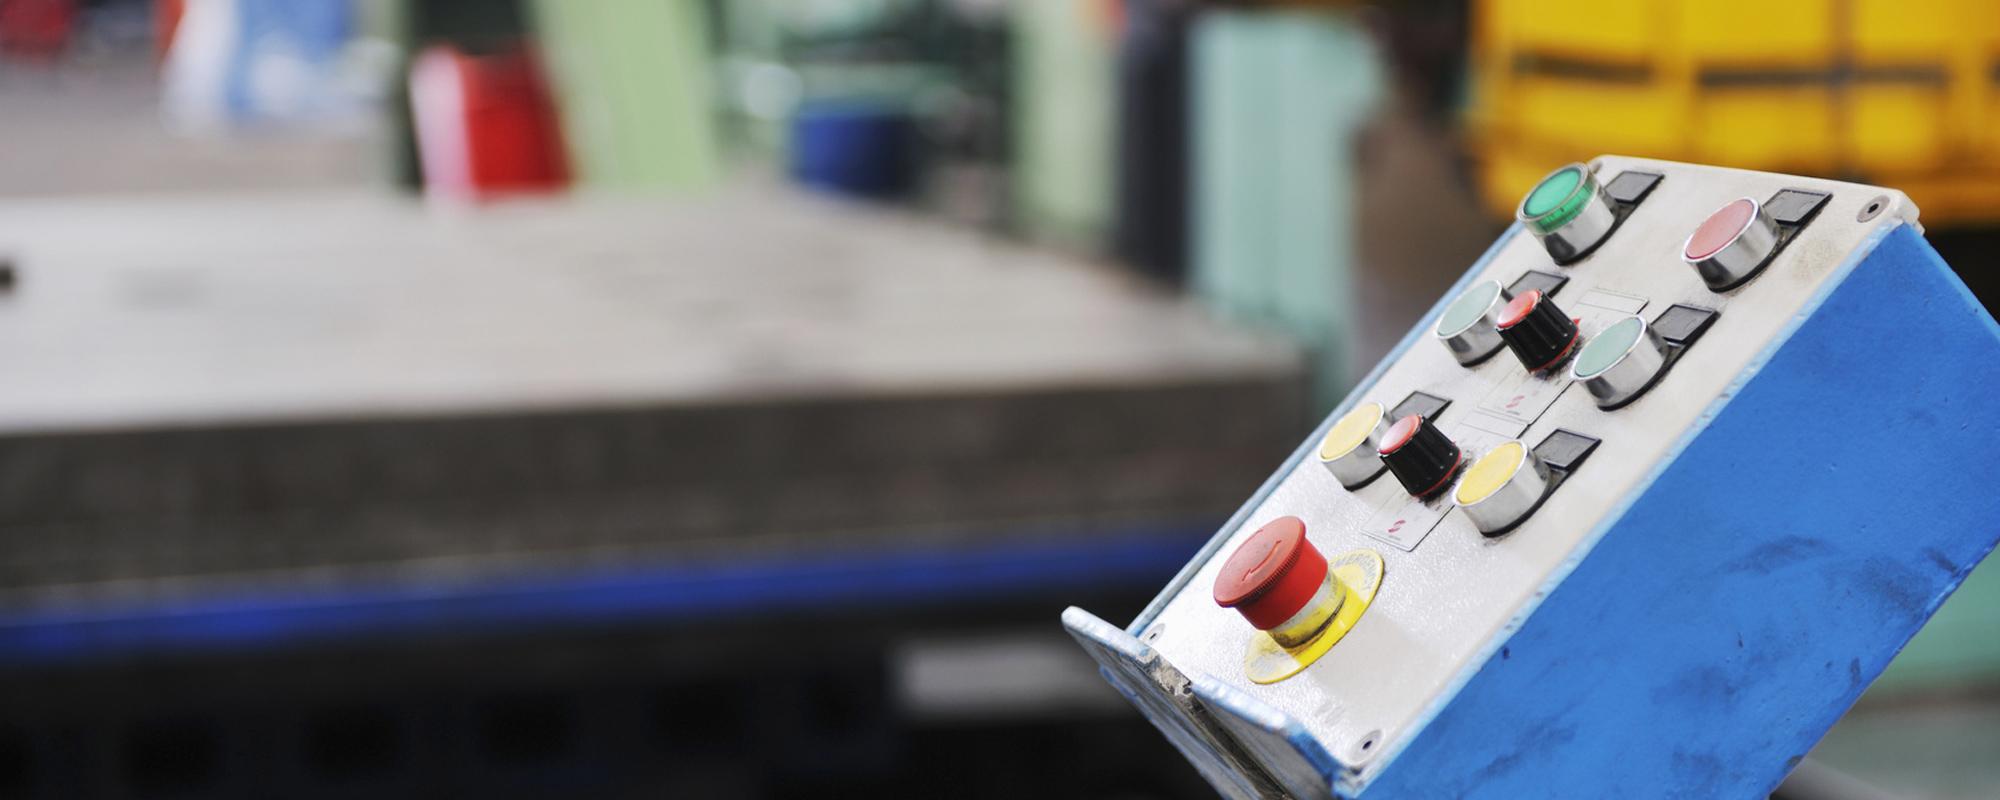 Der Betrieb kann aufgrund eines Sachschadens (Feuer, Sturm etc.) ganz oder teilweise nicht mehr aufrechterhalten werden bzw. im schlimmsten Fall                       kommt zum Betriebsstillstand. Die Folgen für den Betrieb: Erhebliche finanzielle Auswirkungen durch Gewinnverlust, da Fixkosten wie Miete und Nebenkosten sowie Löhne und Gehälter                       weiter bezahlt werden müssen. Kundenabwanderungen und Wettbewerbsnachteile. fullsize